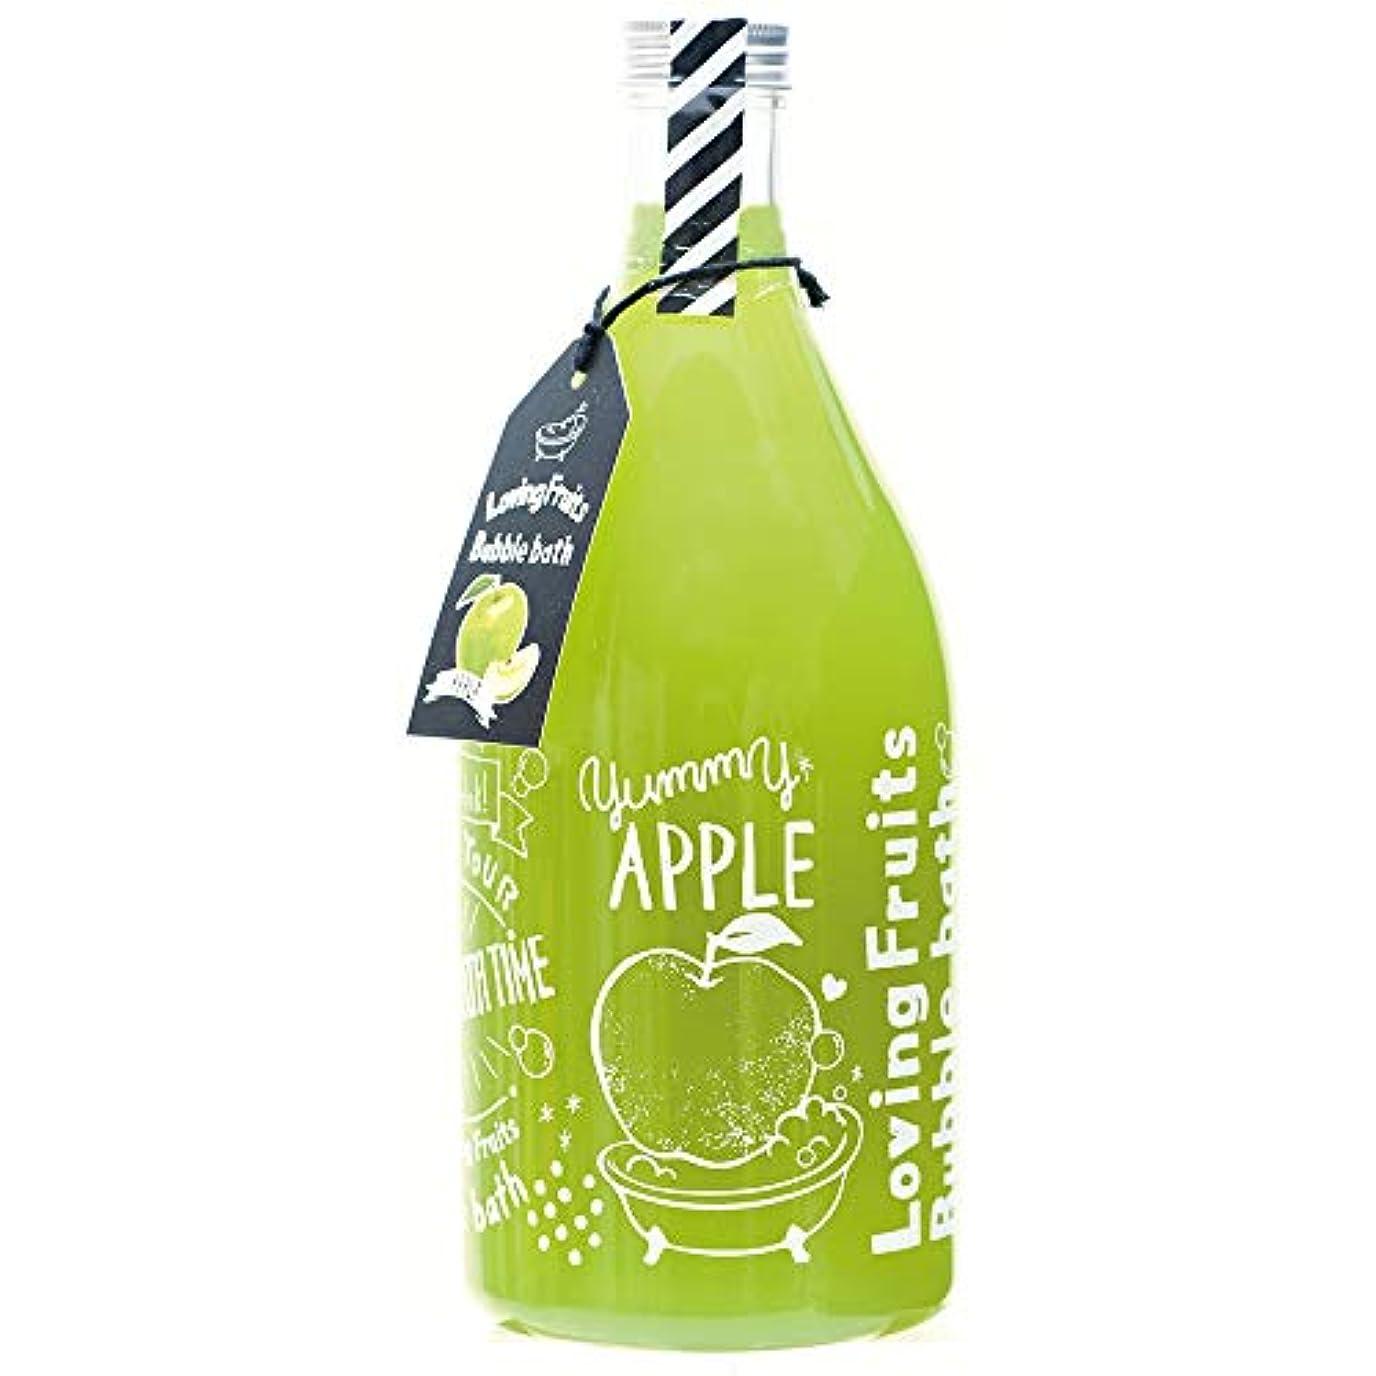 構想する追記公園ノルコーポレーション バスジェル ラビングフルーツバブルバス OB-LFS-1-4 入浴剤 アップルの香り 750ml